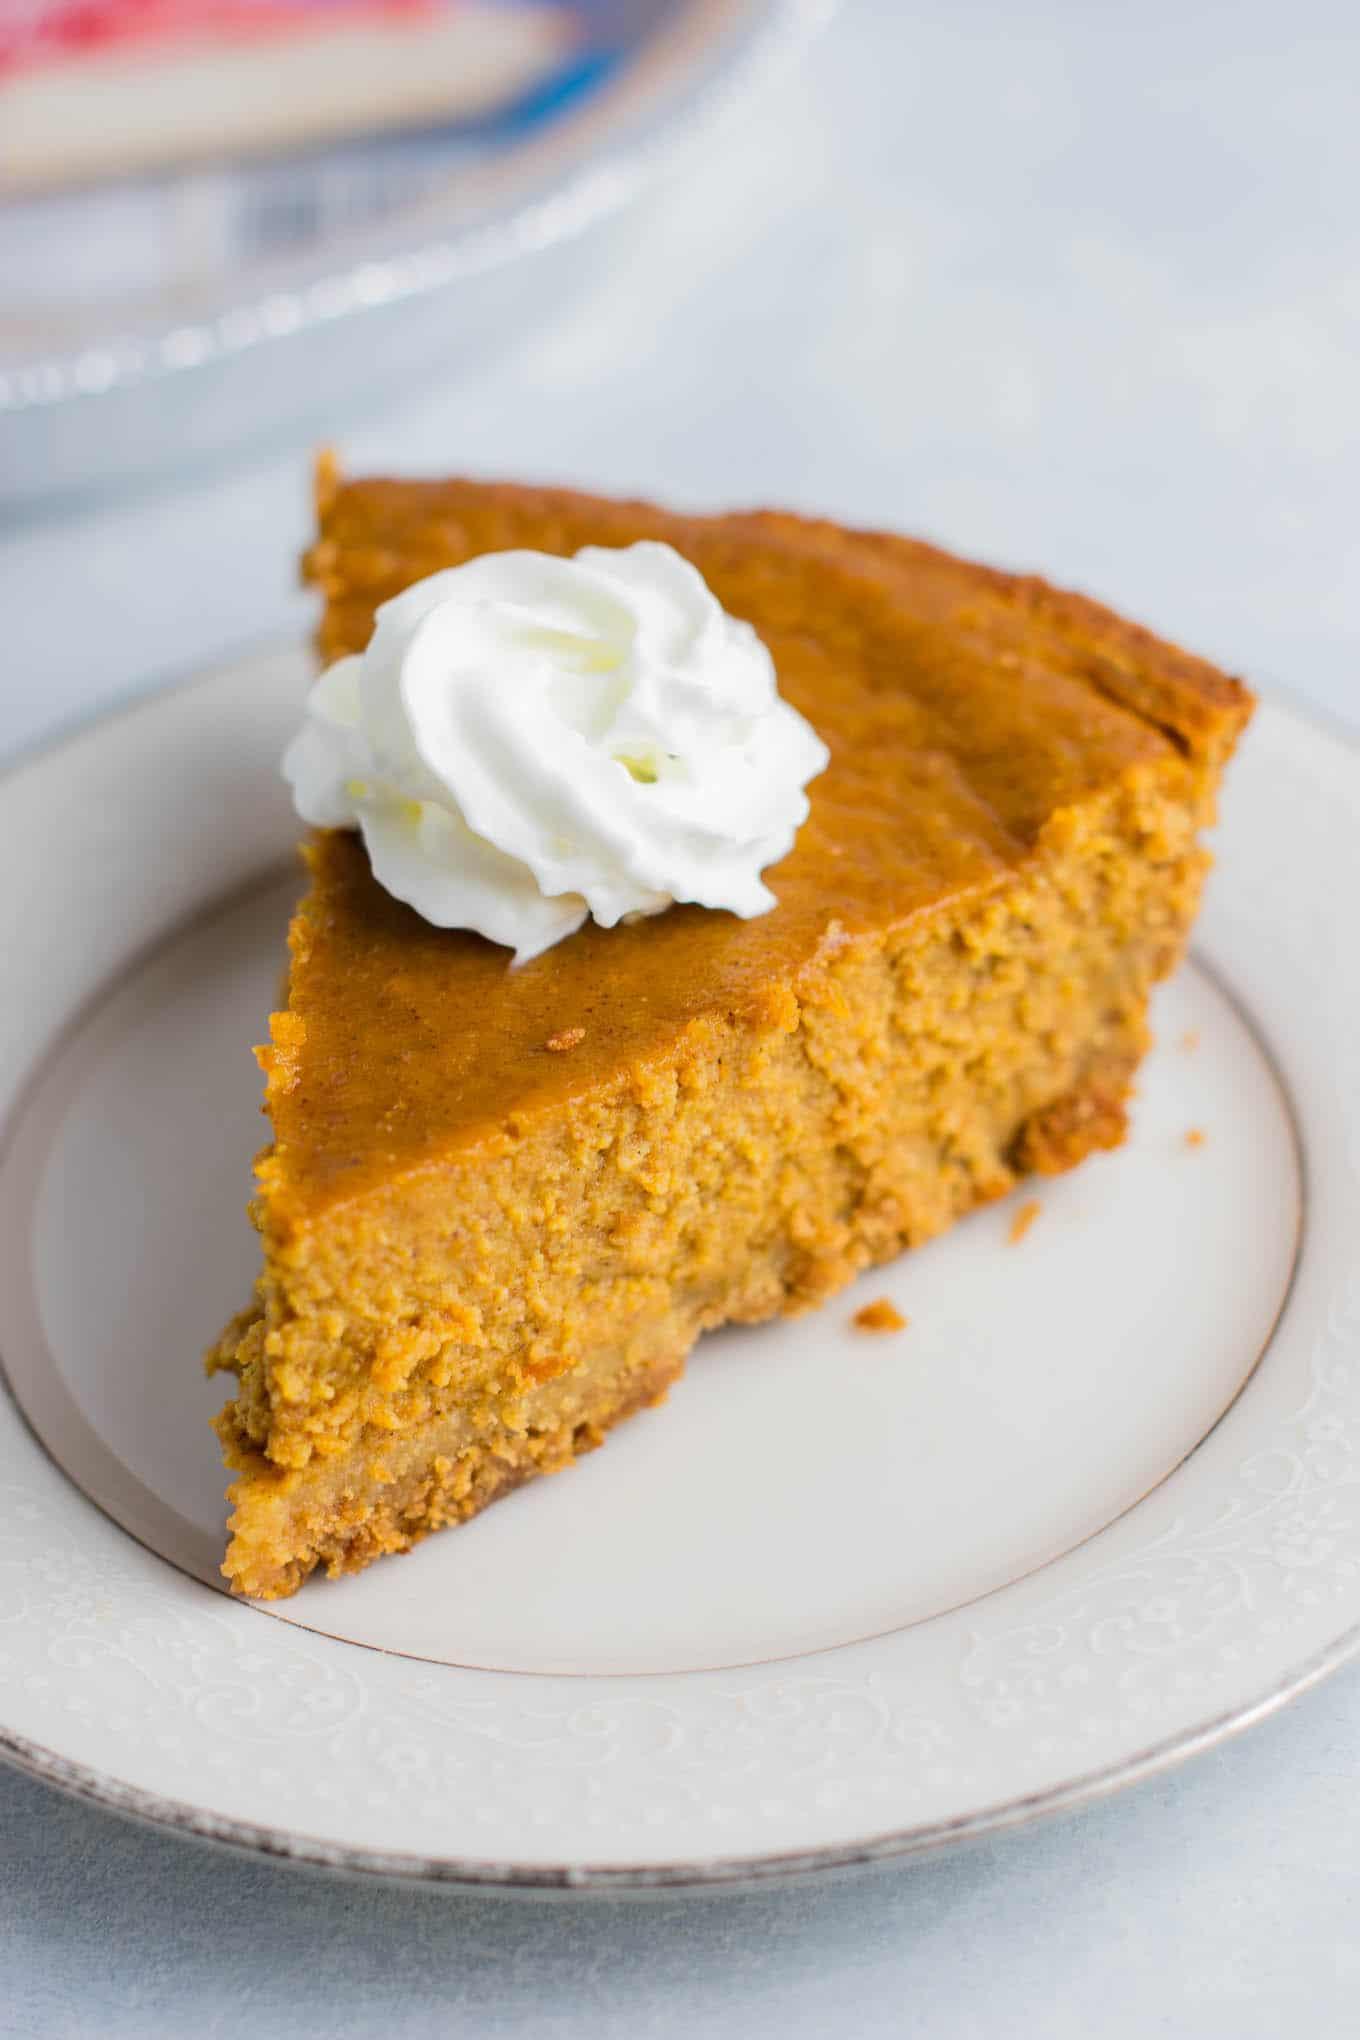 Dairy Free Pumpkin Pie Recipe  Gluten Free Pumpkin Pie Recipe with maple syrup